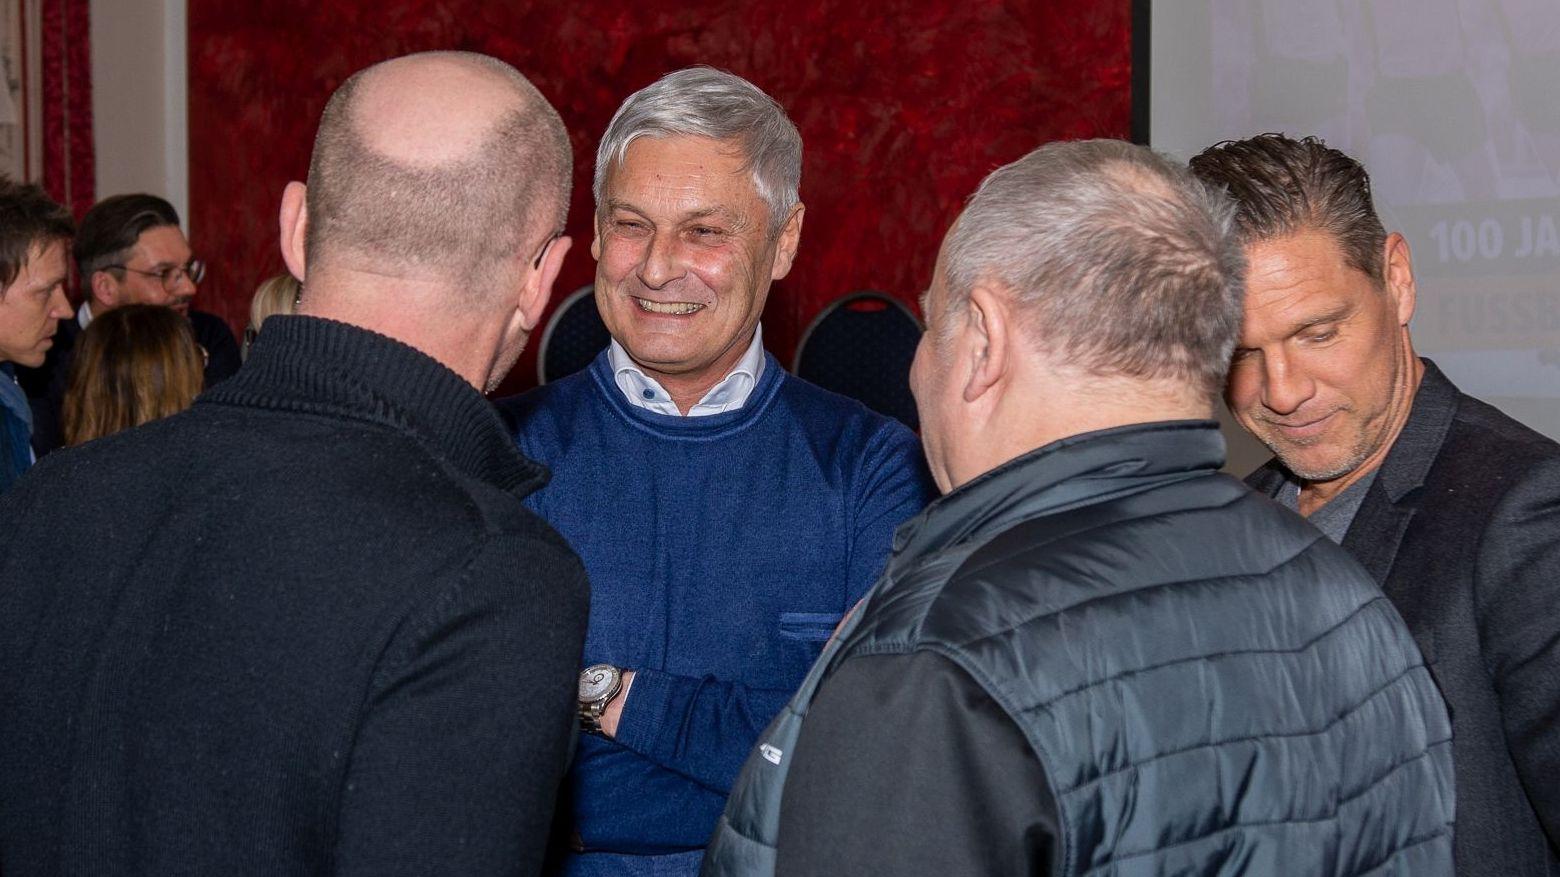 Vier Männer stehen beisammen, reden und lachen.